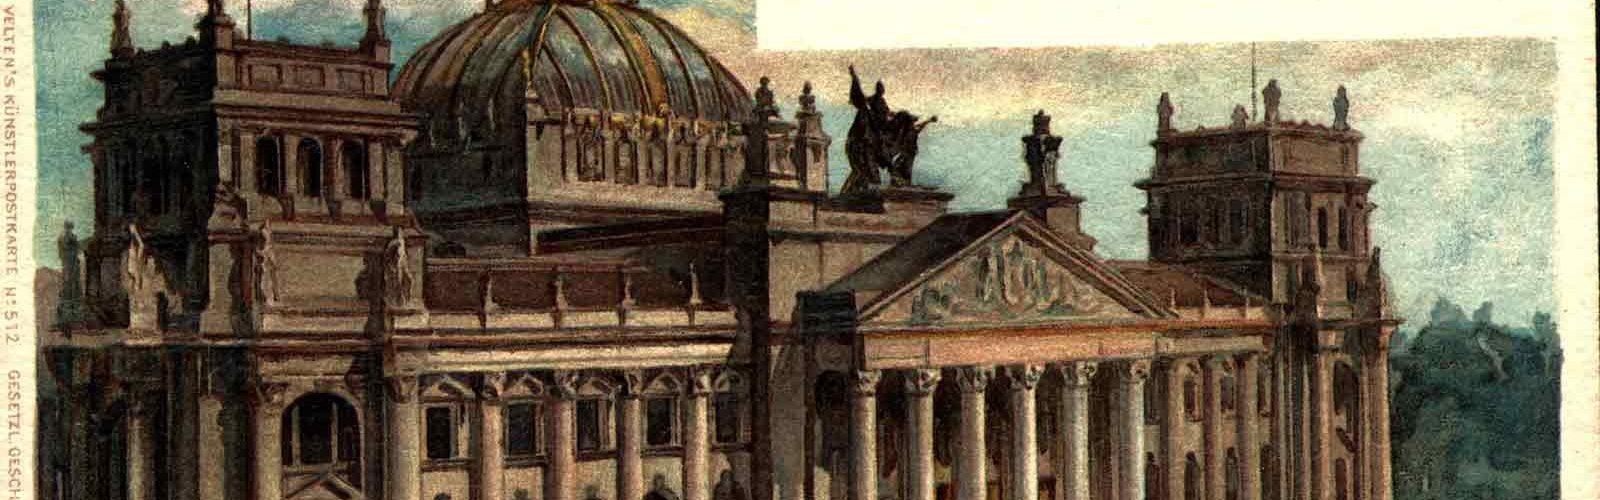 Berlin-Reichstags Gebaude